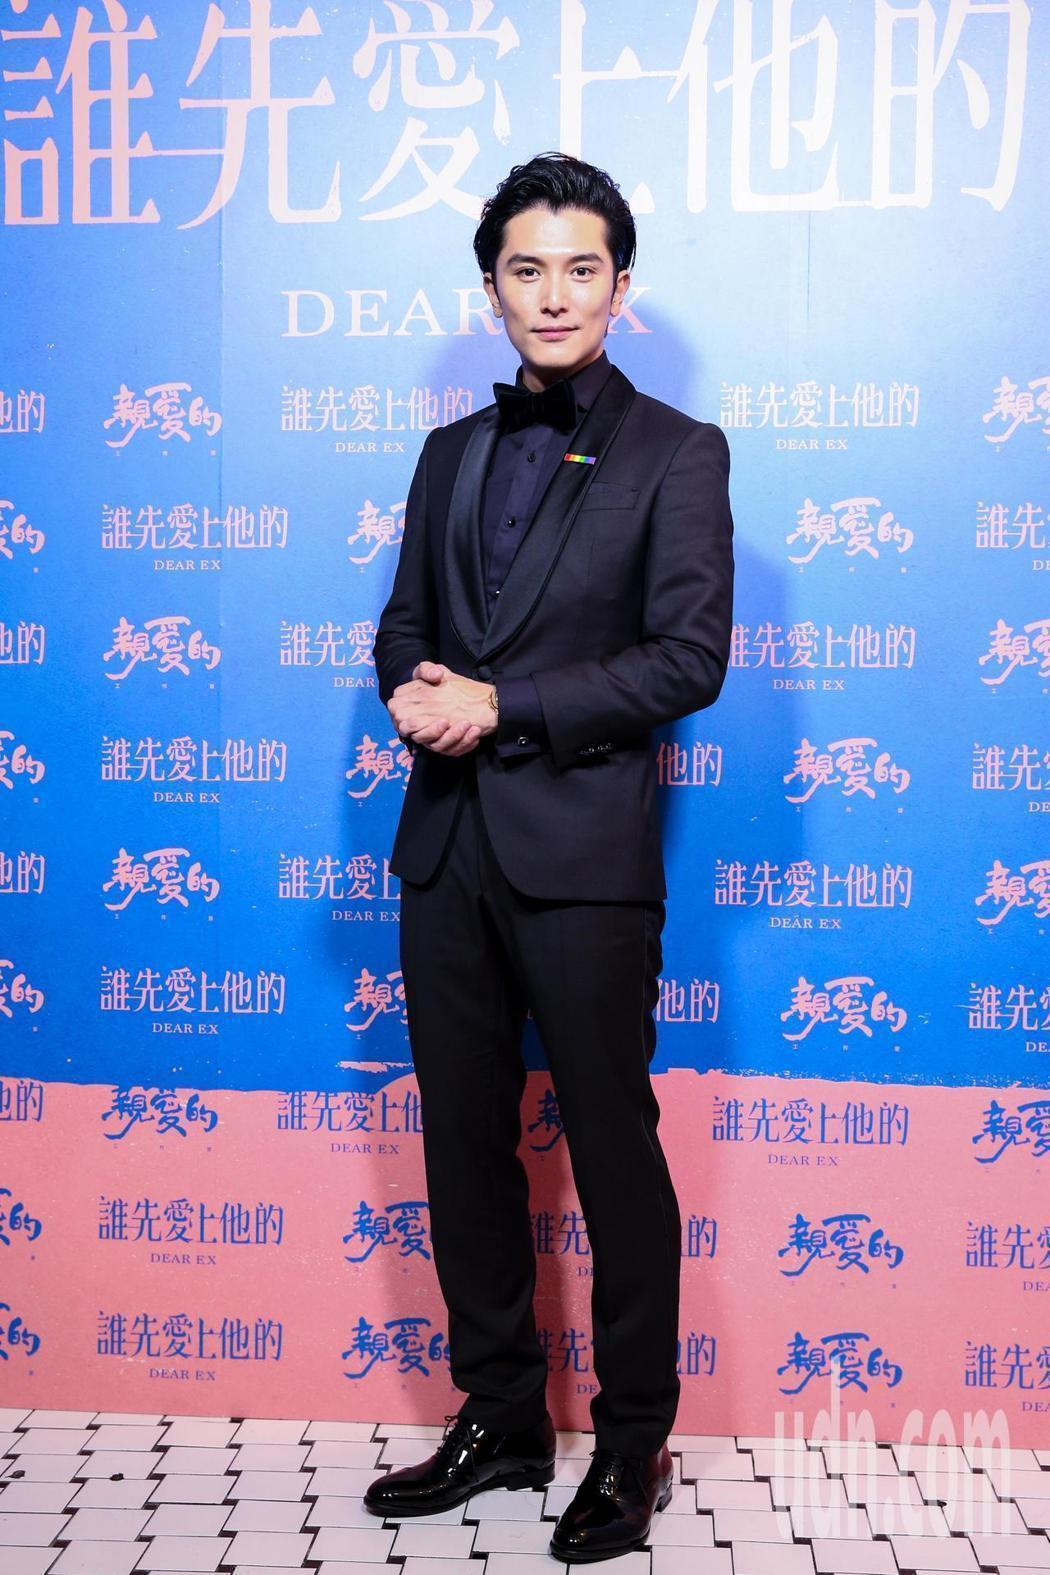 邱澤去年在「誰先愛上他的」飾演癡情同志,演技獲得極大肯定,更獲大阪電影節「亞洲之...